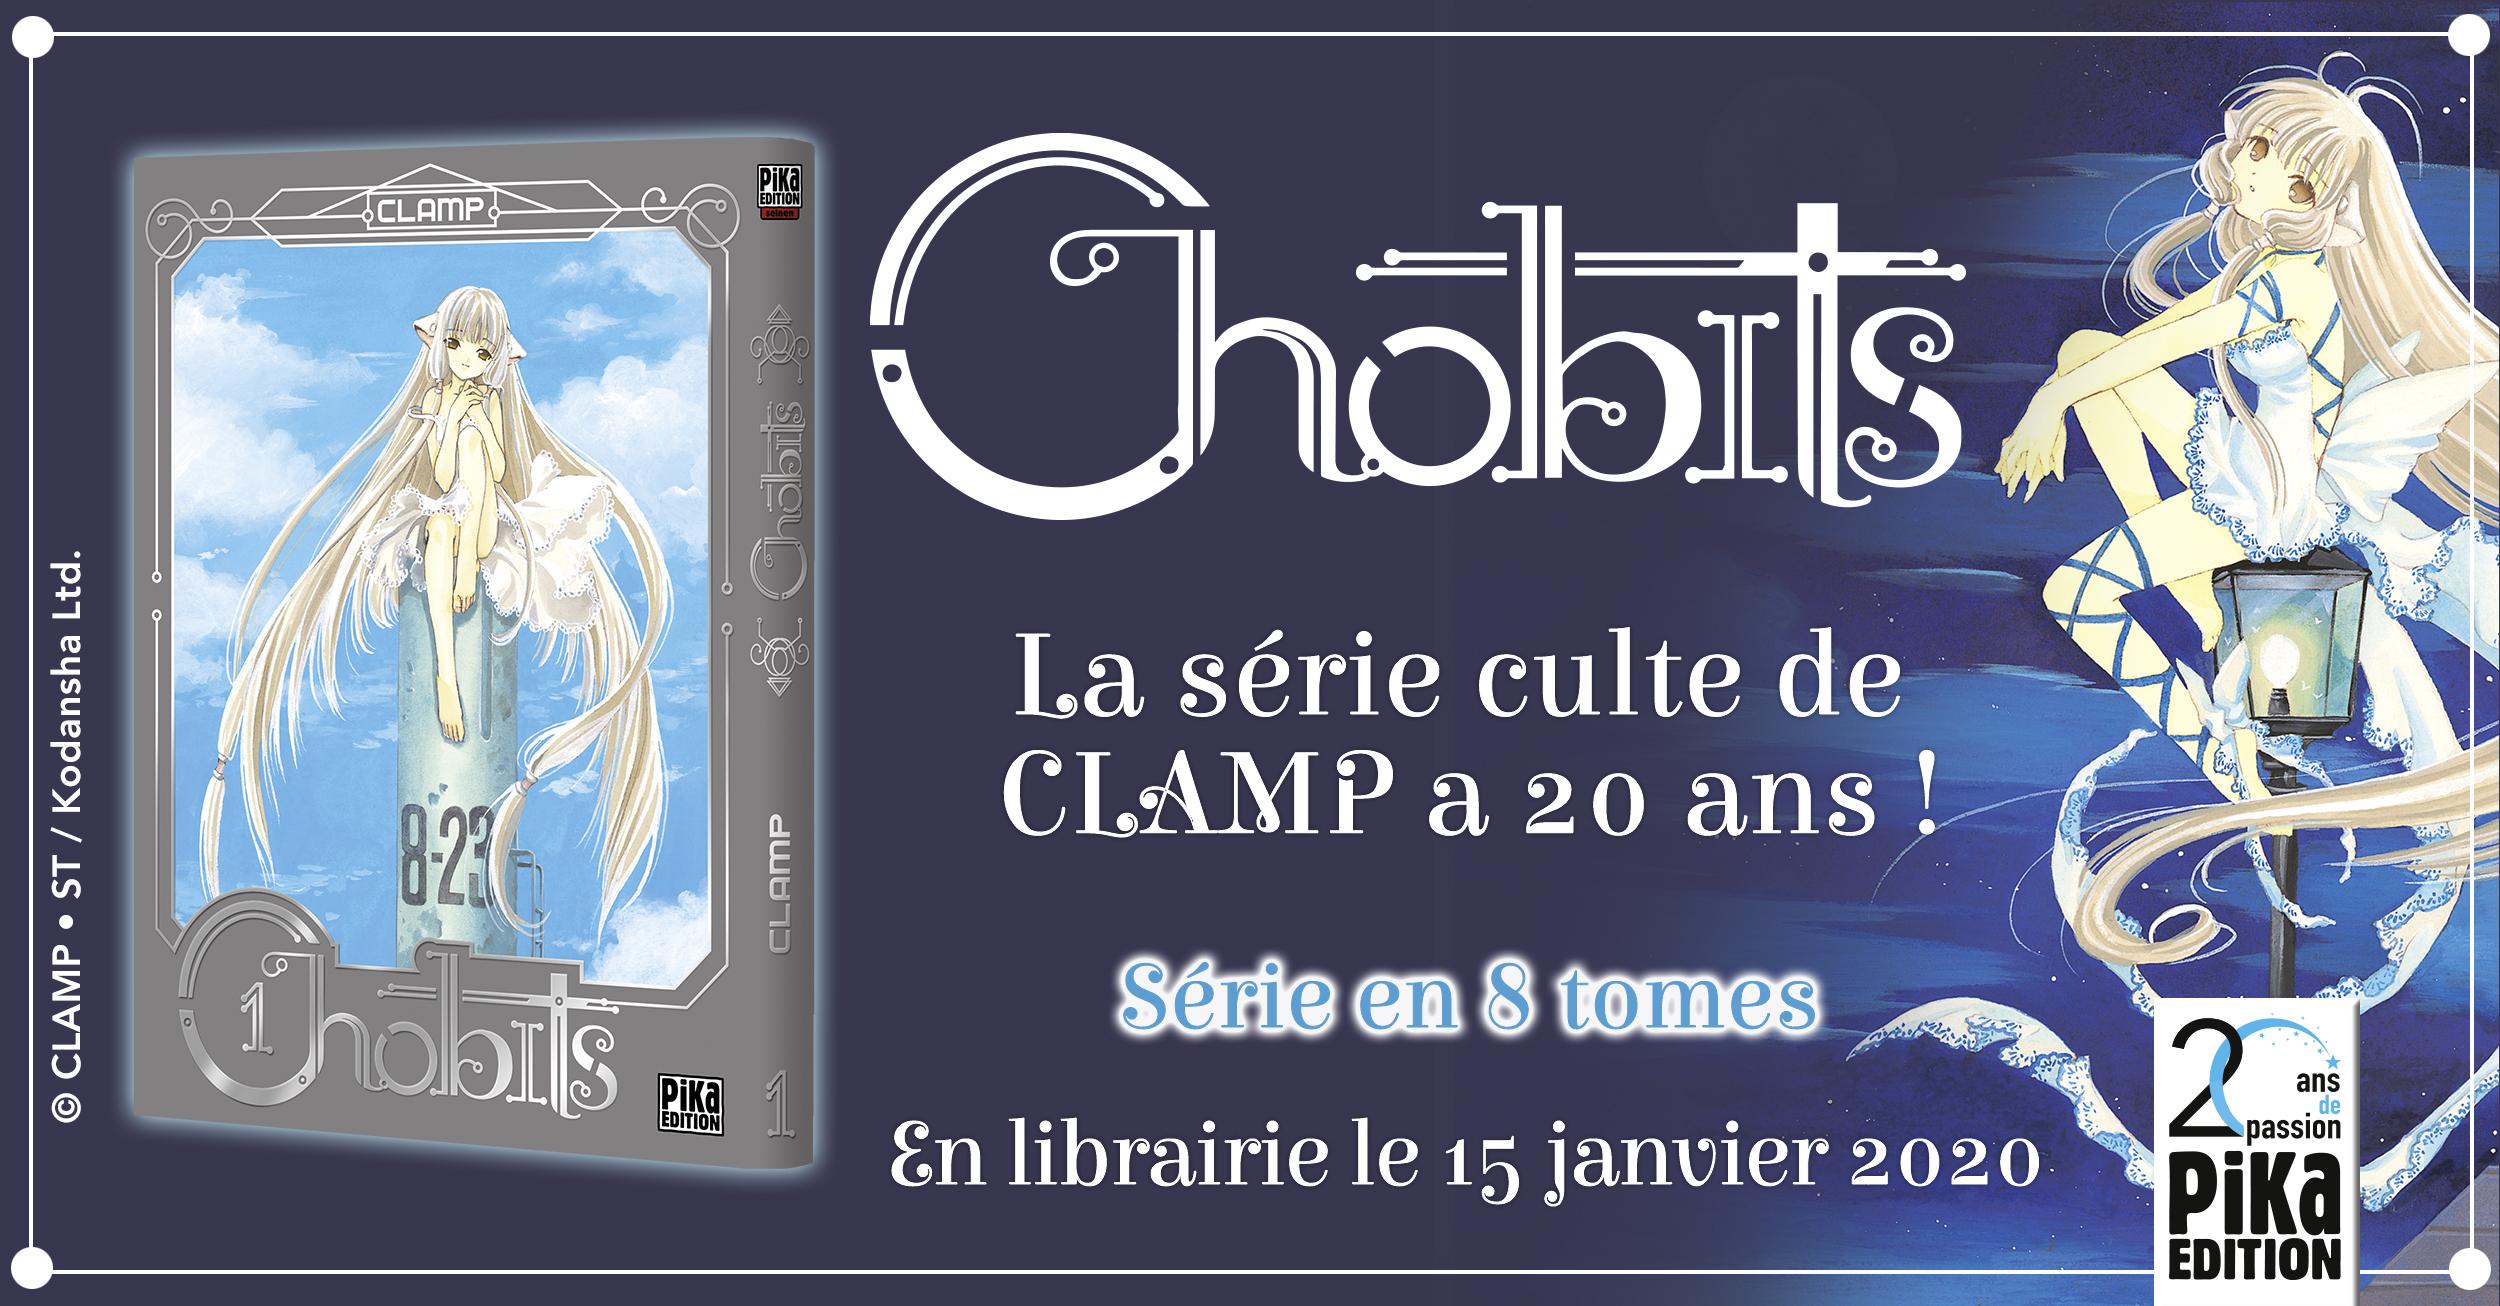 """Résultat de recherche d'images pour """"chobits"""""""